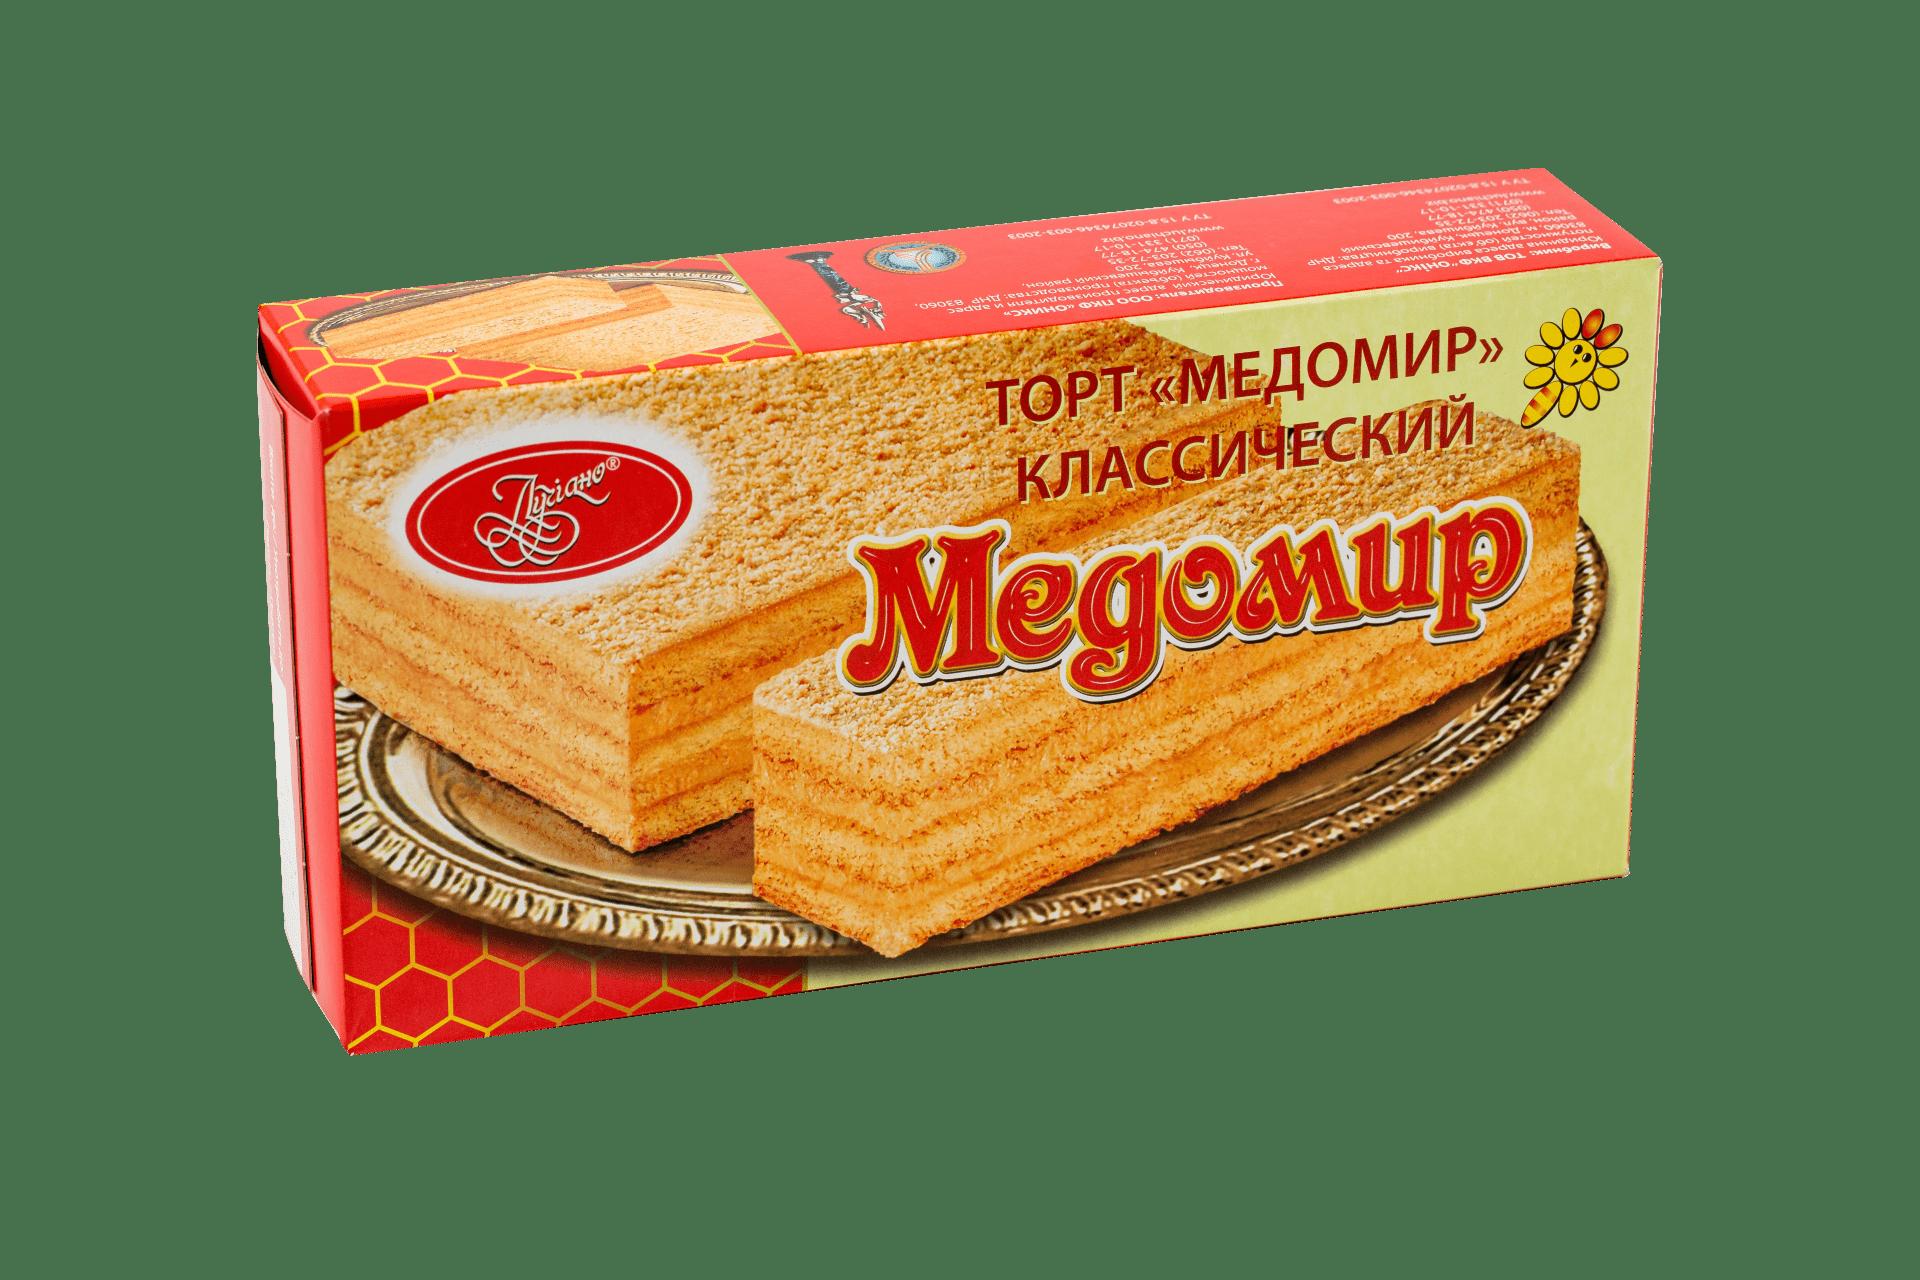 Торт Медомир классический 1